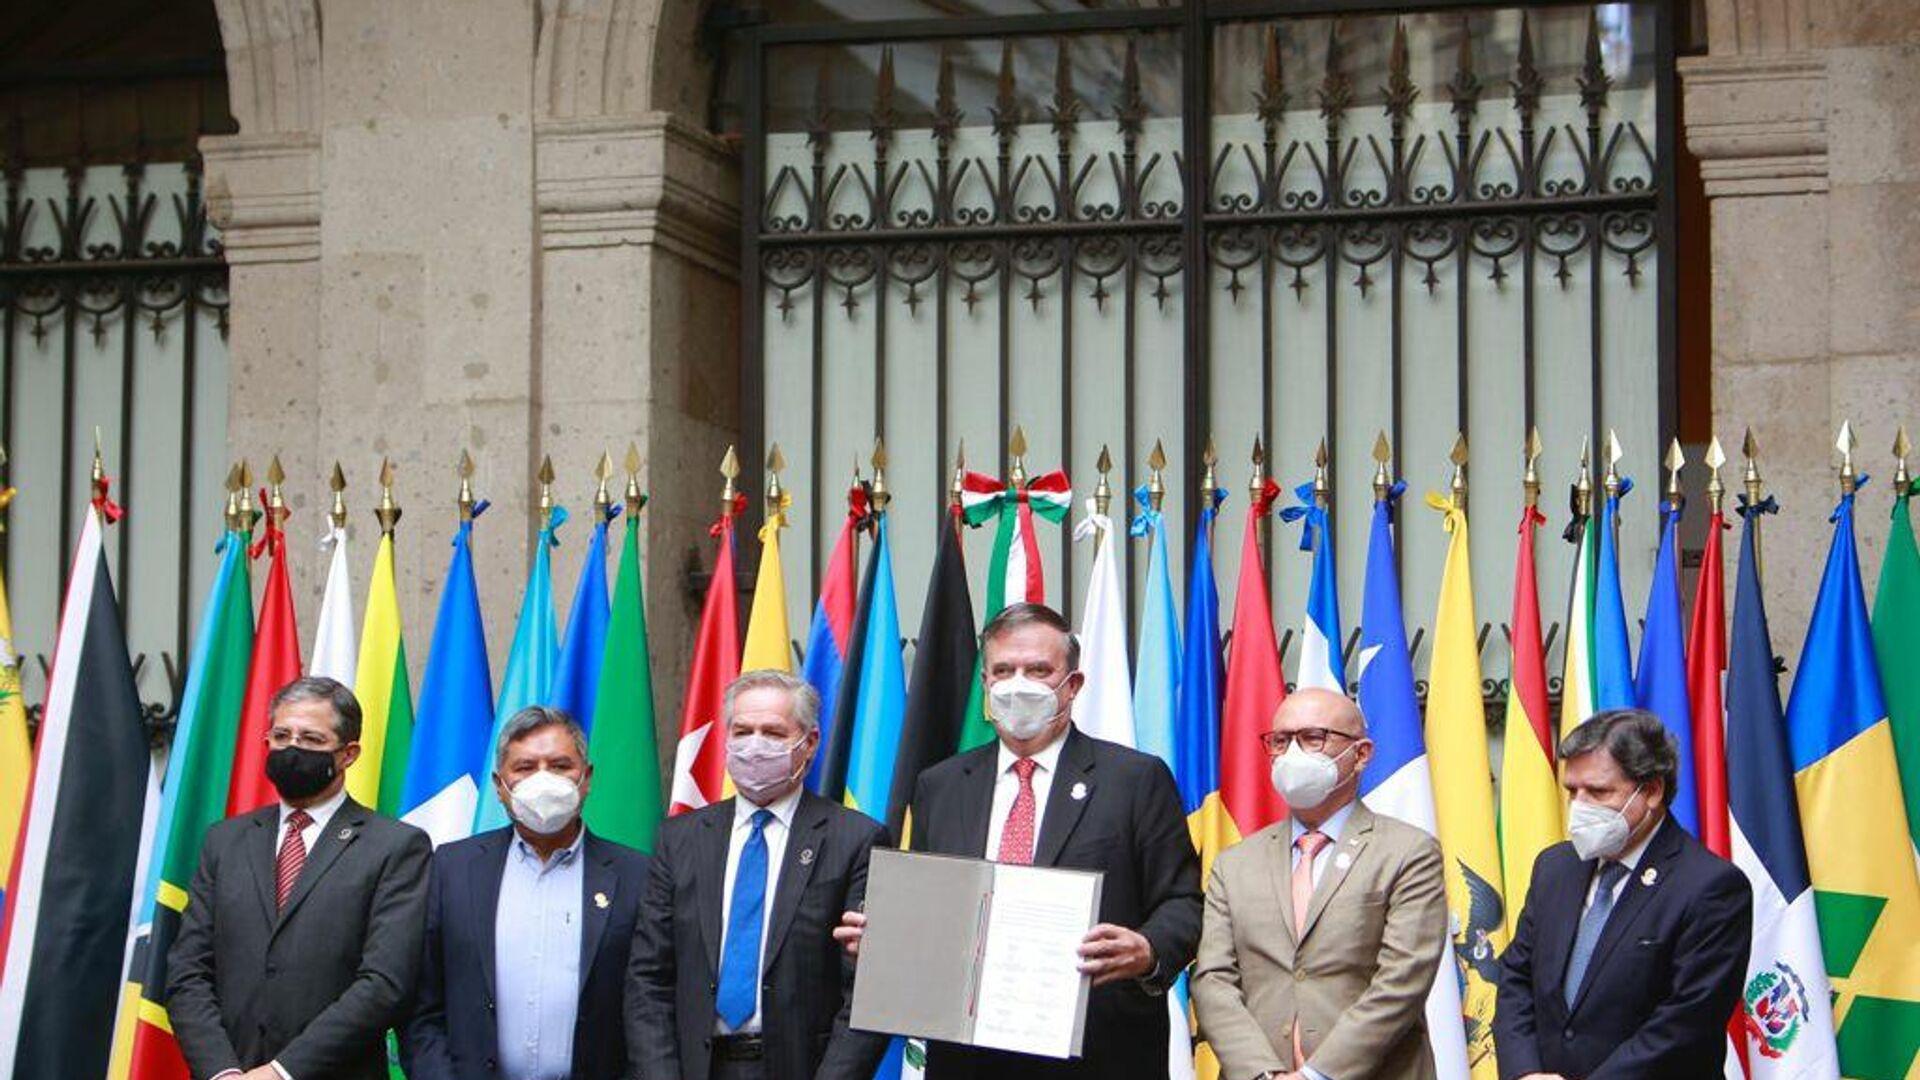 Los cancilleres con el convenio constitutivo de la Agencia Latinoamericana y Caribeña del Espacio - Sputnik Mundo, 1920, 24.07.2021